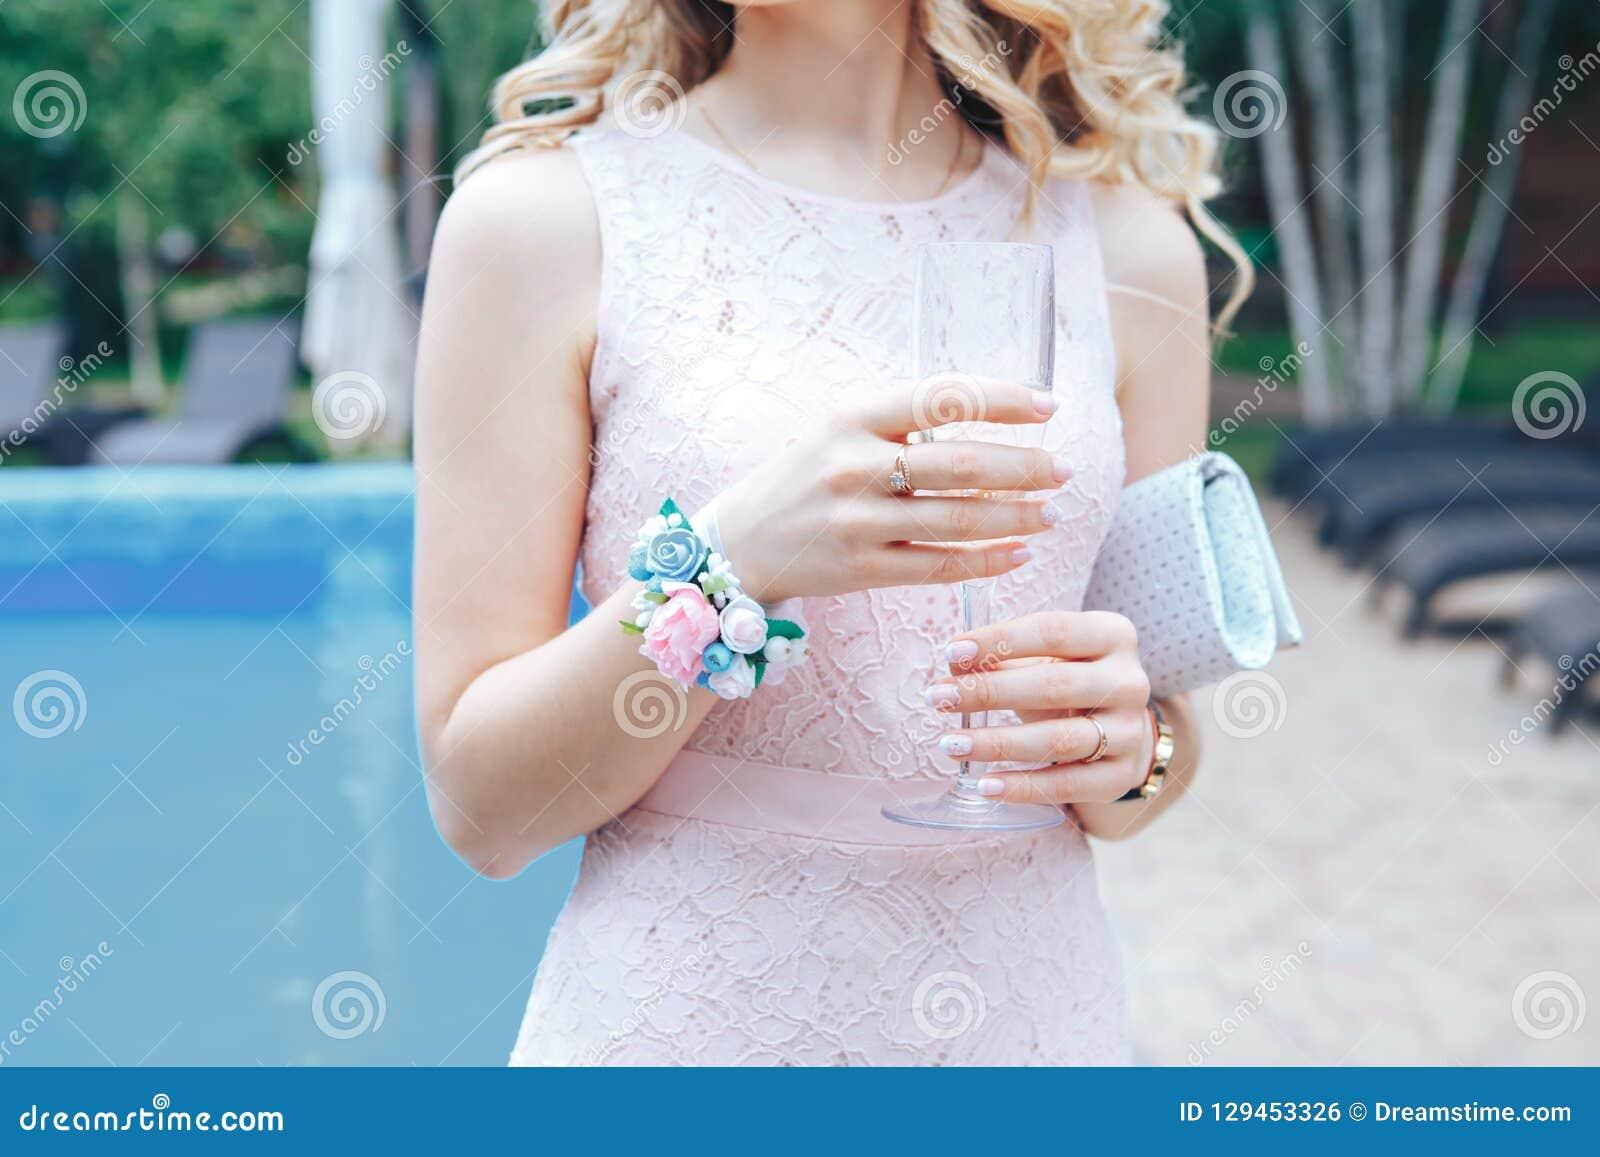 Bruidsmeisje met een glas champagne Alcoholische dranken bij de ontvangst na huwelijksceremonie